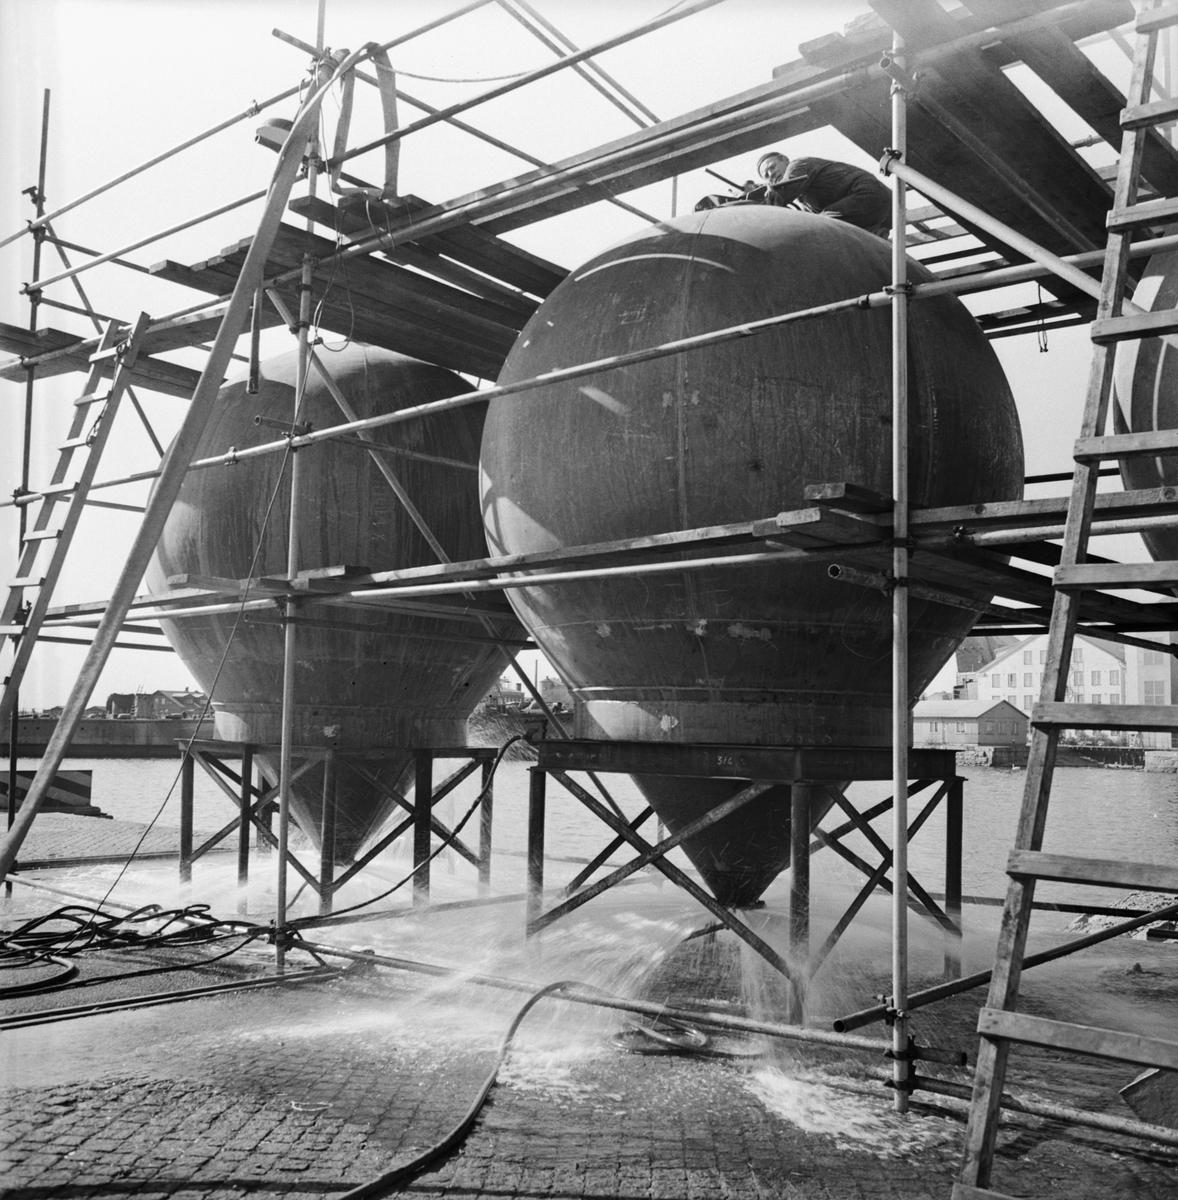 Övrigt: Foto datum: 20/5 1964 Verkstäder och personal. Cementbehållare i verkstan (drift). Närmast identisk bild: V28650 och V28651, ej skannade